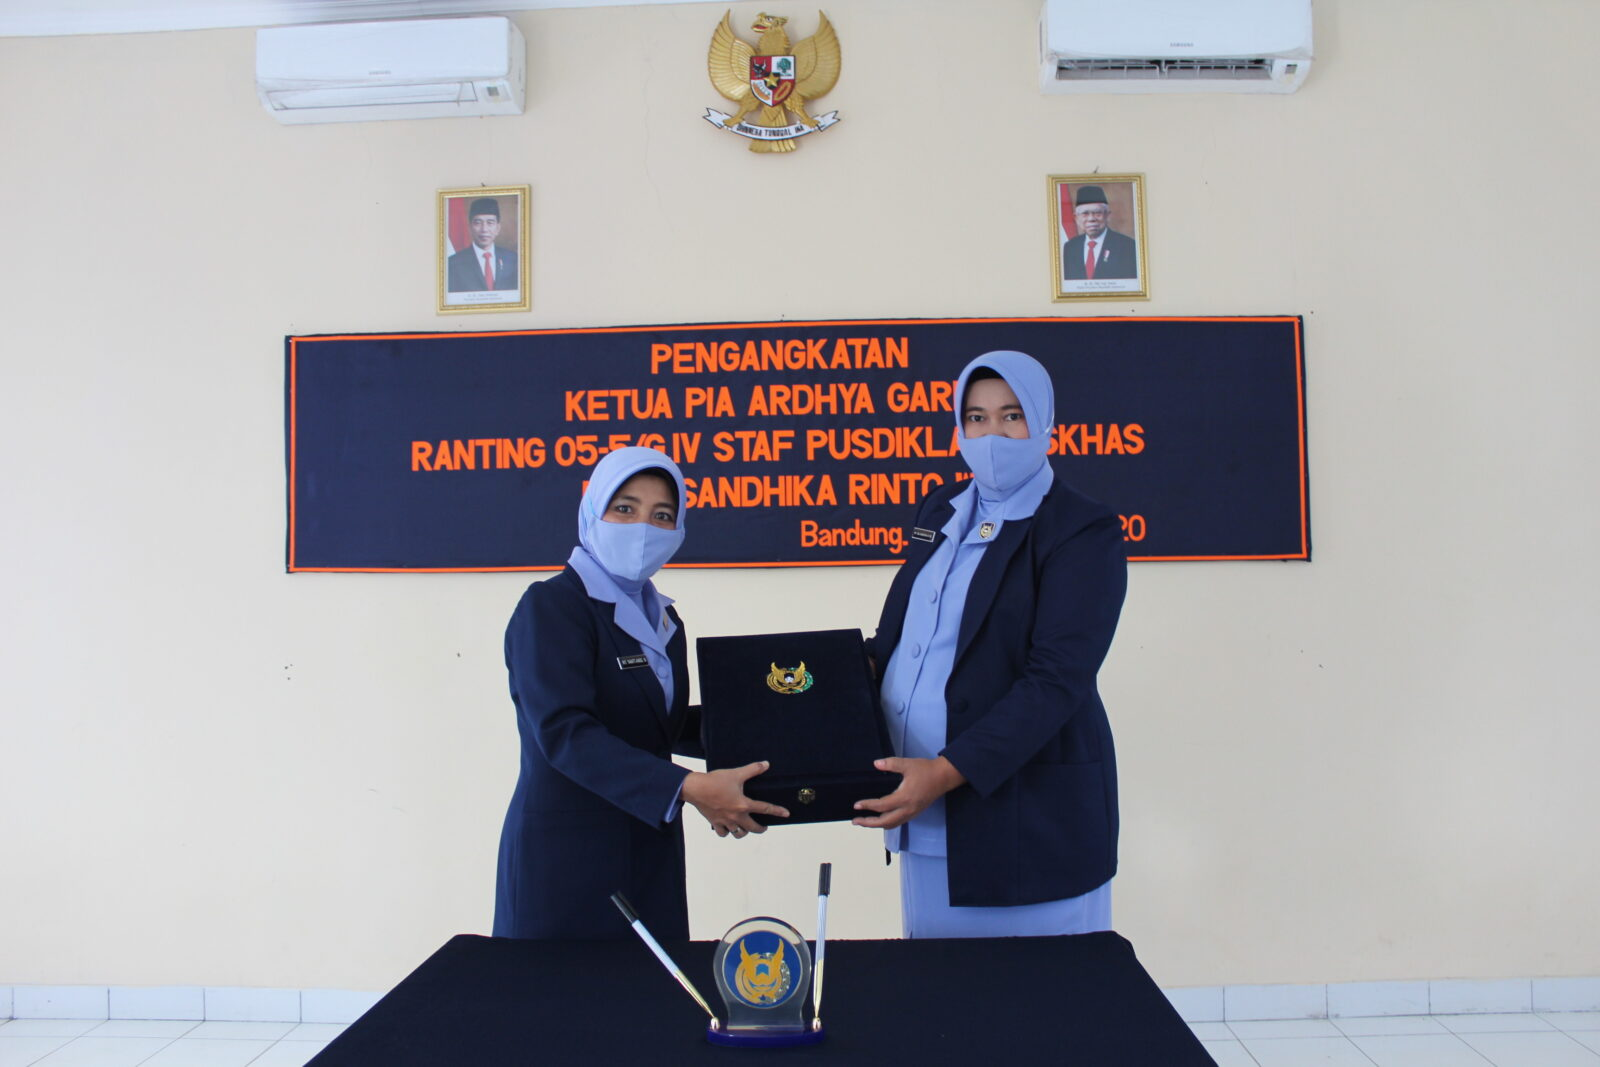 Pengankatan Ketua PIA Ardhya Garini Ranting 05-5/G.IV Staf Pusdiklat Paskhas